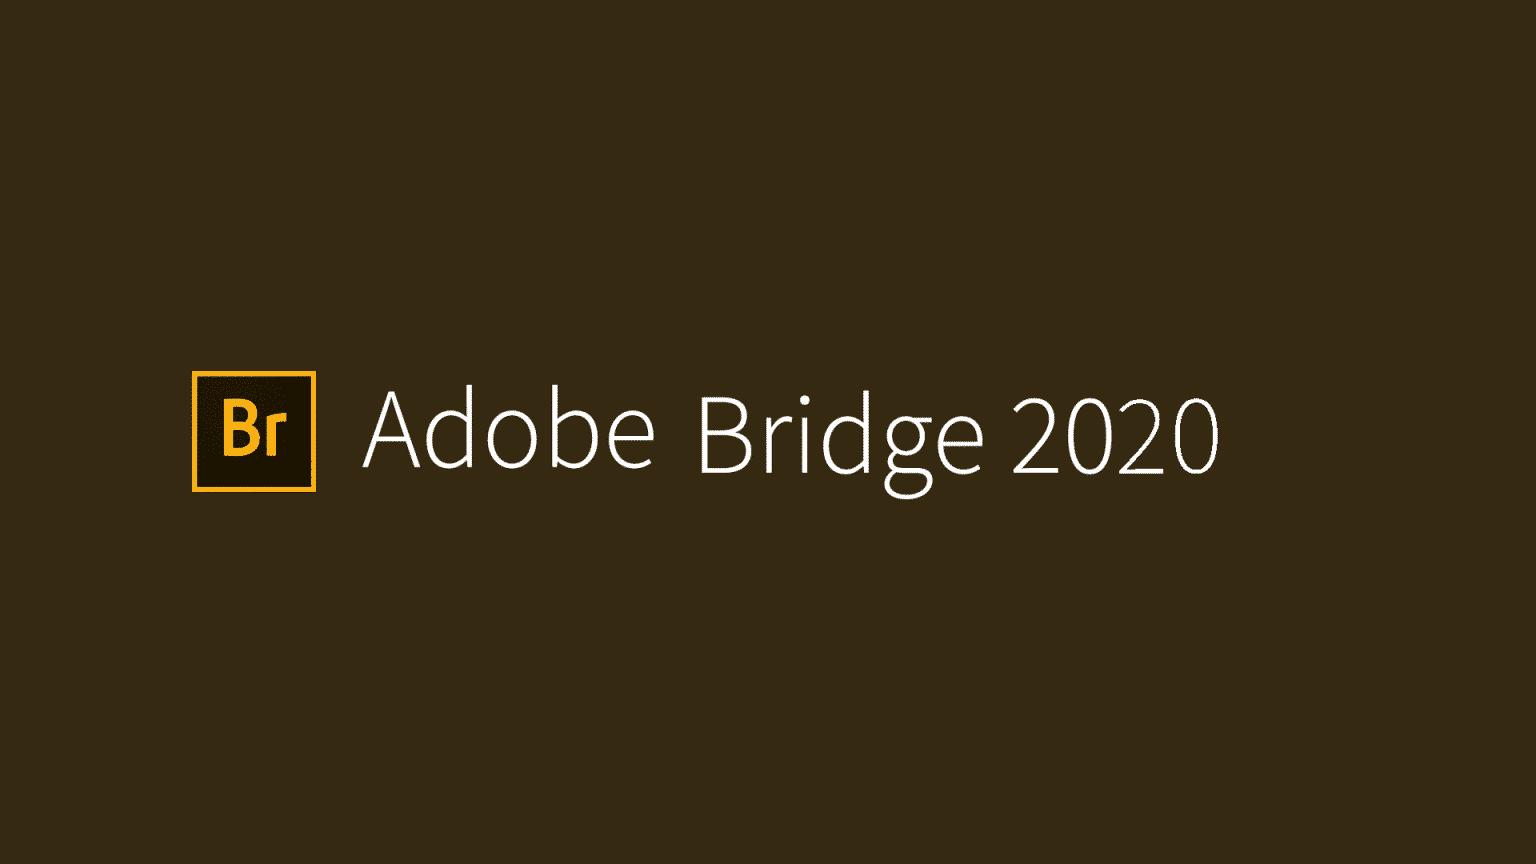 Download Adobe Bridge 2020 v10.0.4.157